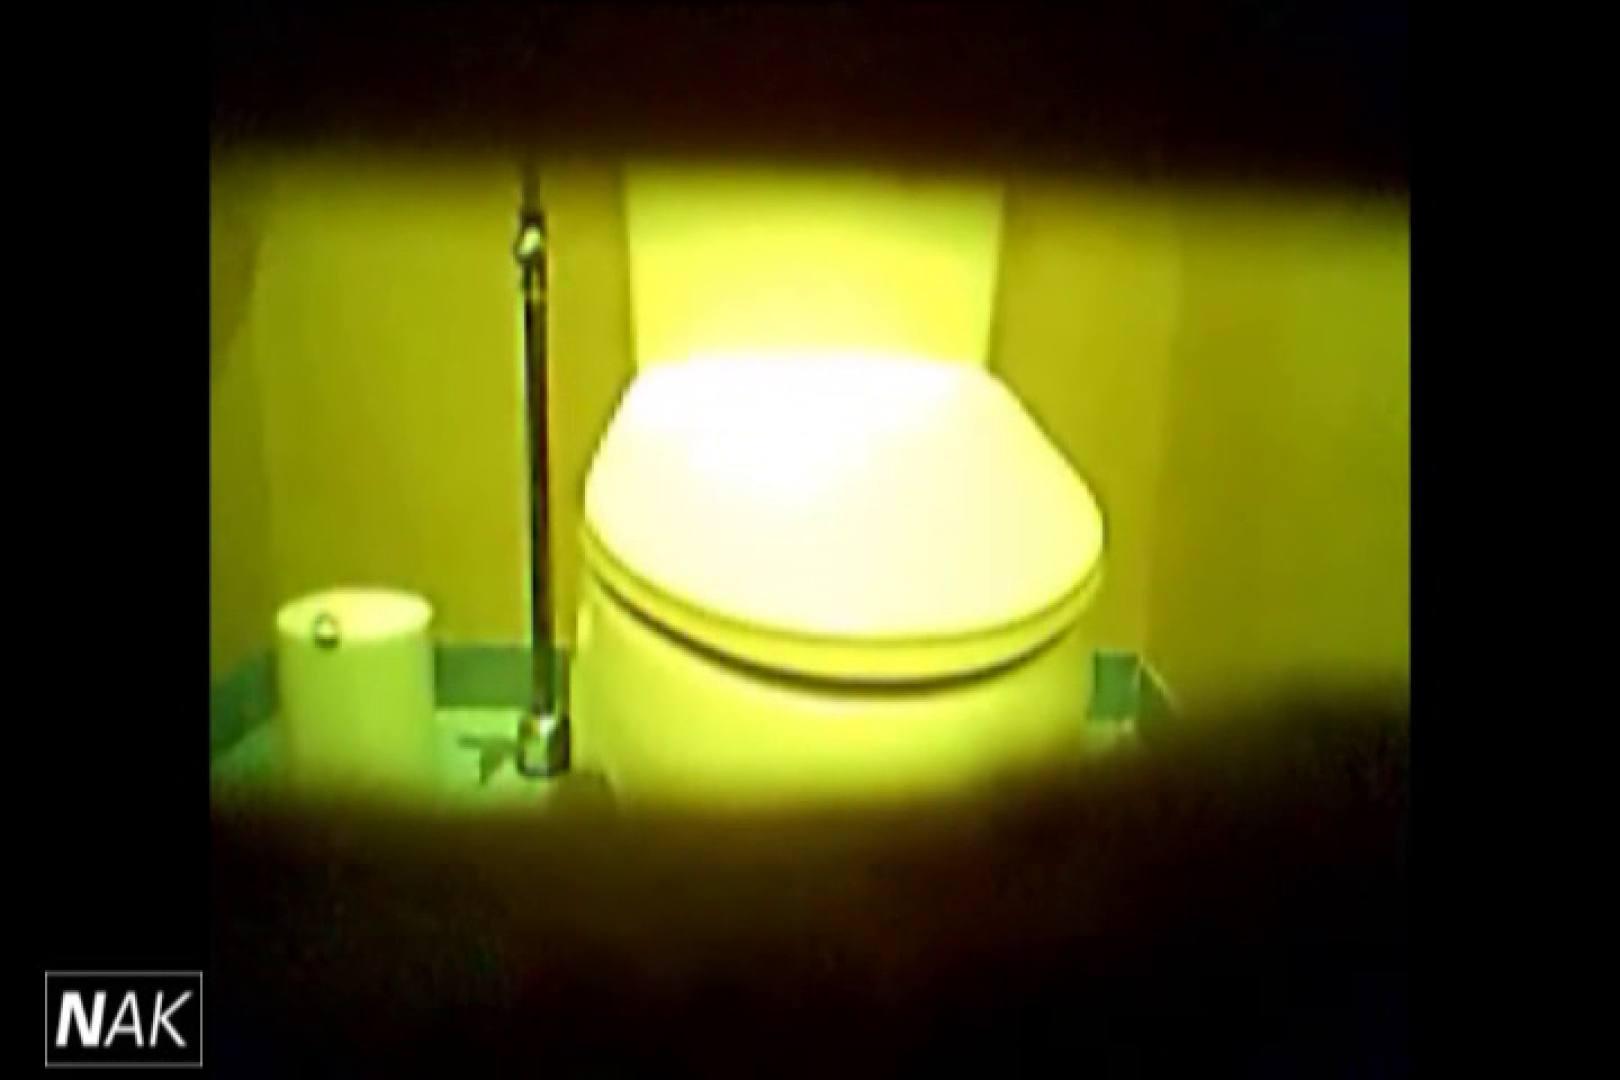 せん八さんの厠観察日記!2点監視カメラ 高画質5000K vol.07 リアル黄金水 | 高画質  104画像 61